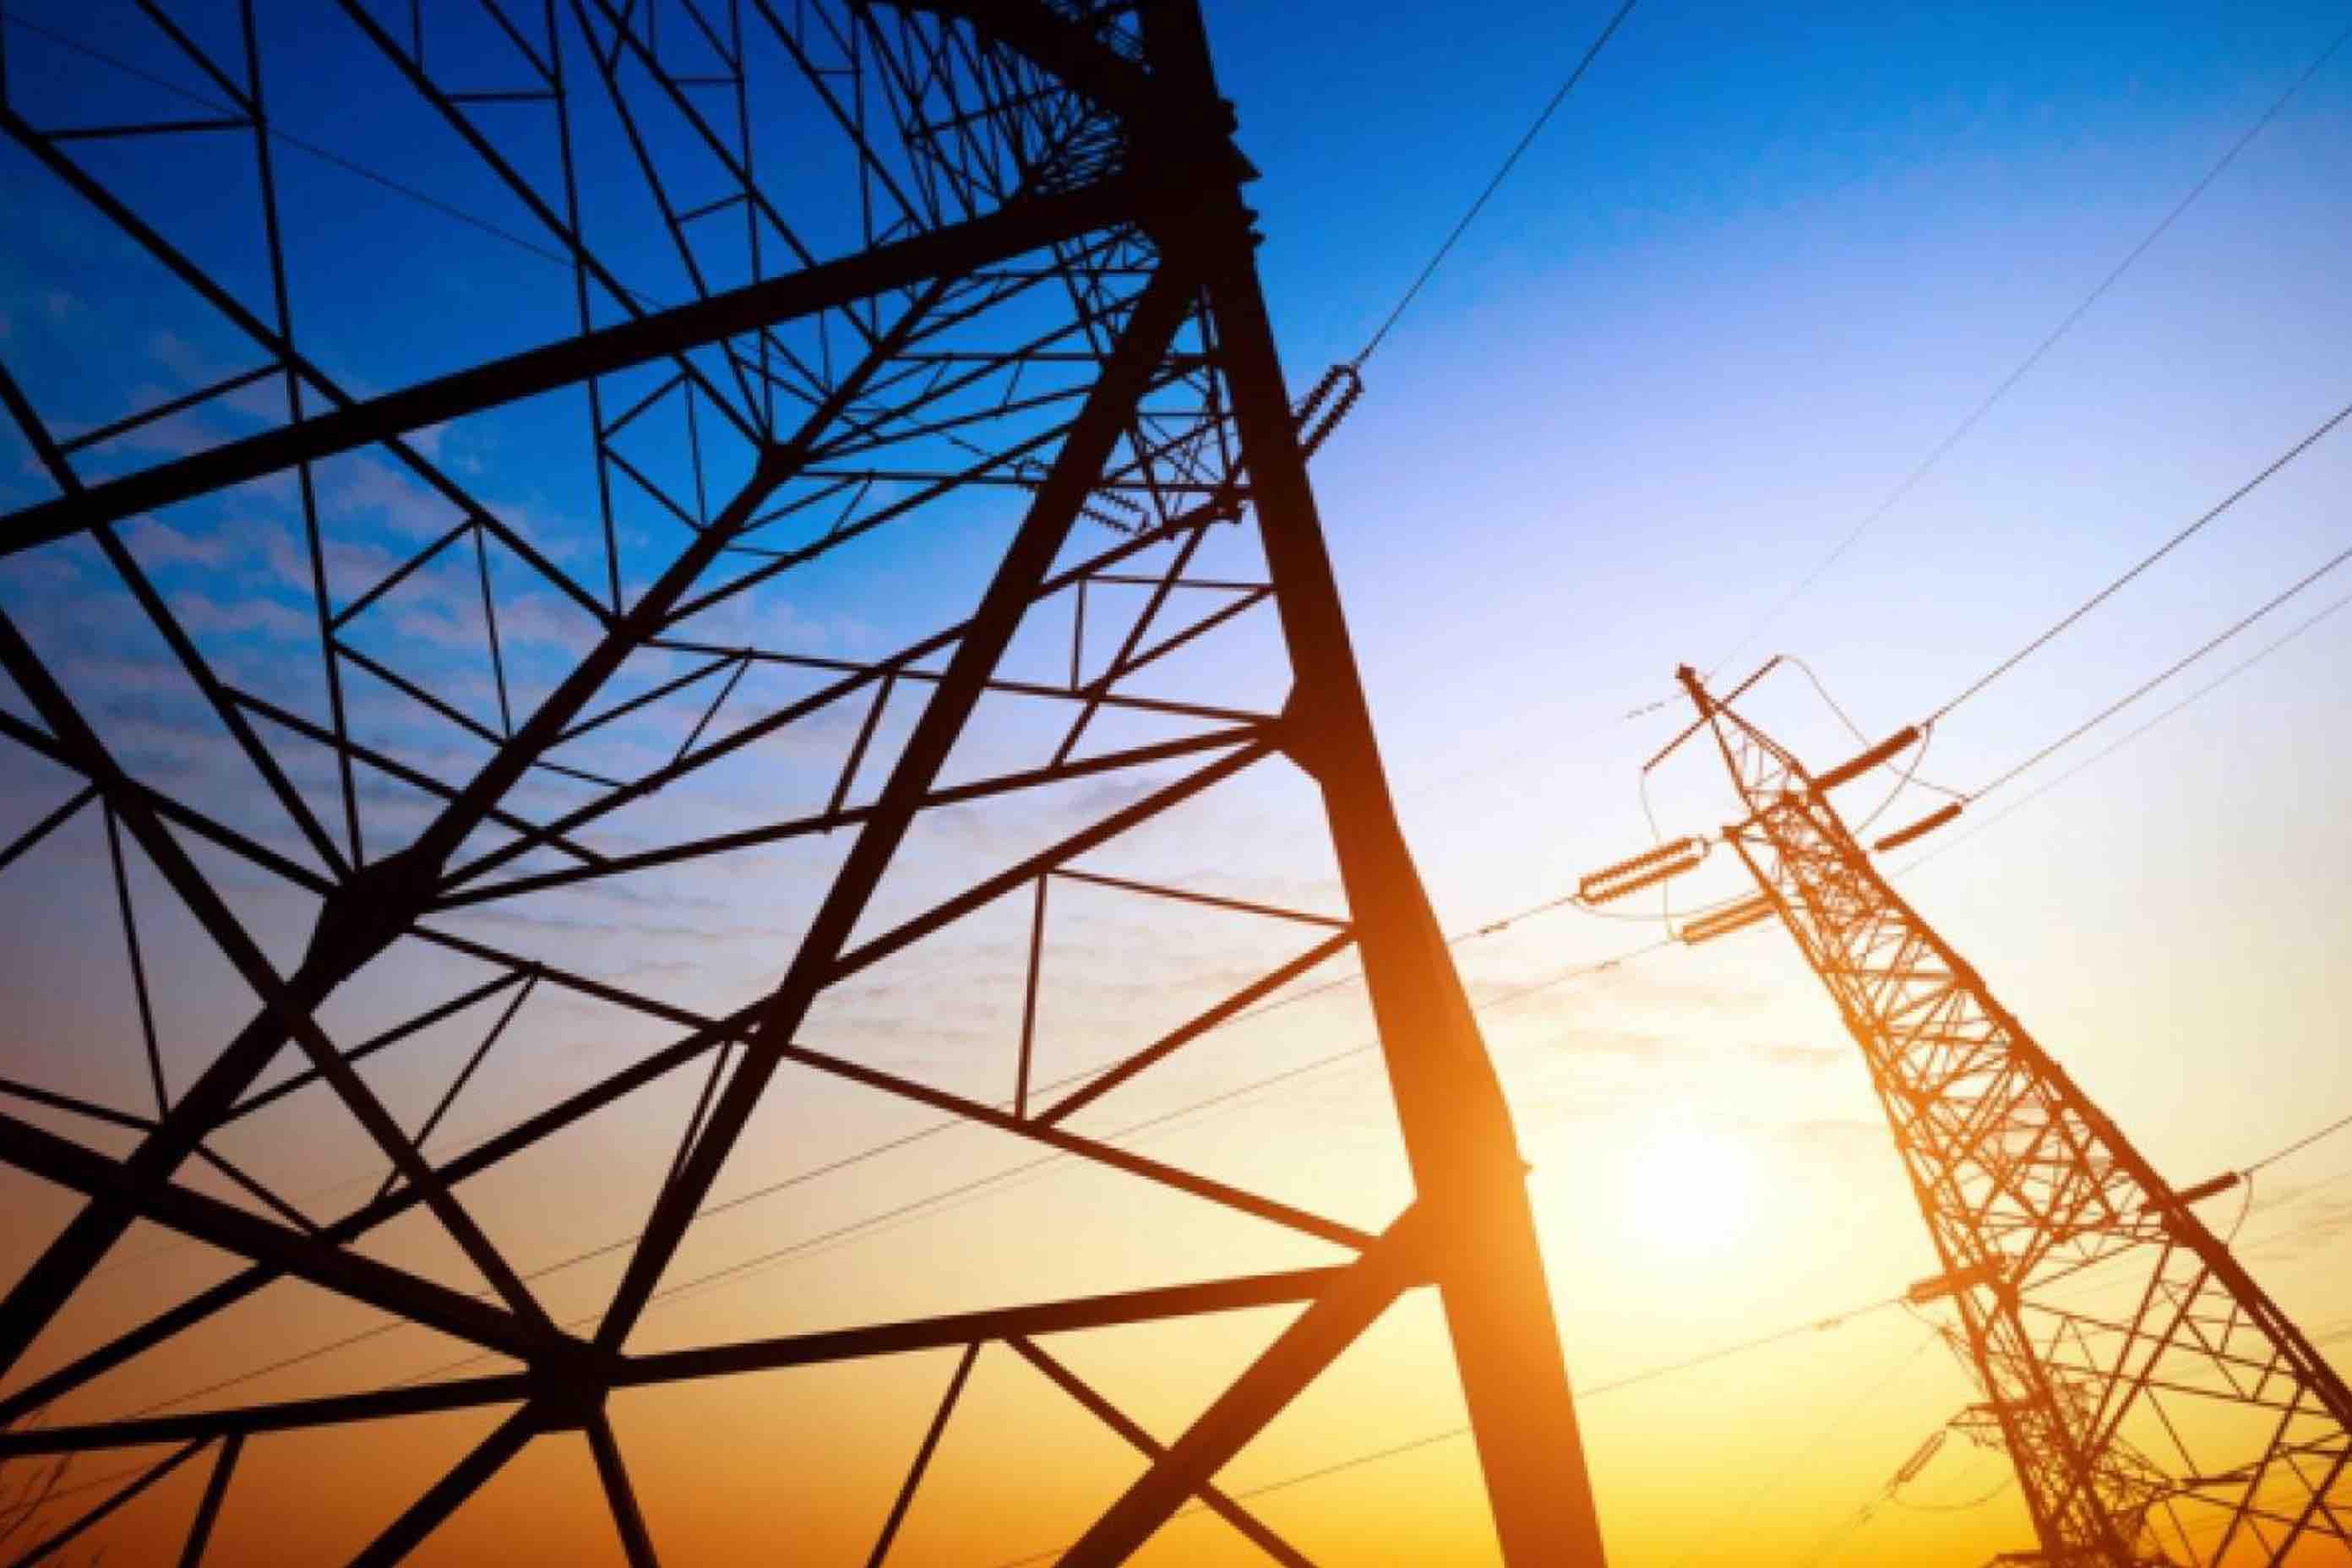 Безопасность строительства. Организация строительства и реконструкции объектов электросетевого хозяйства